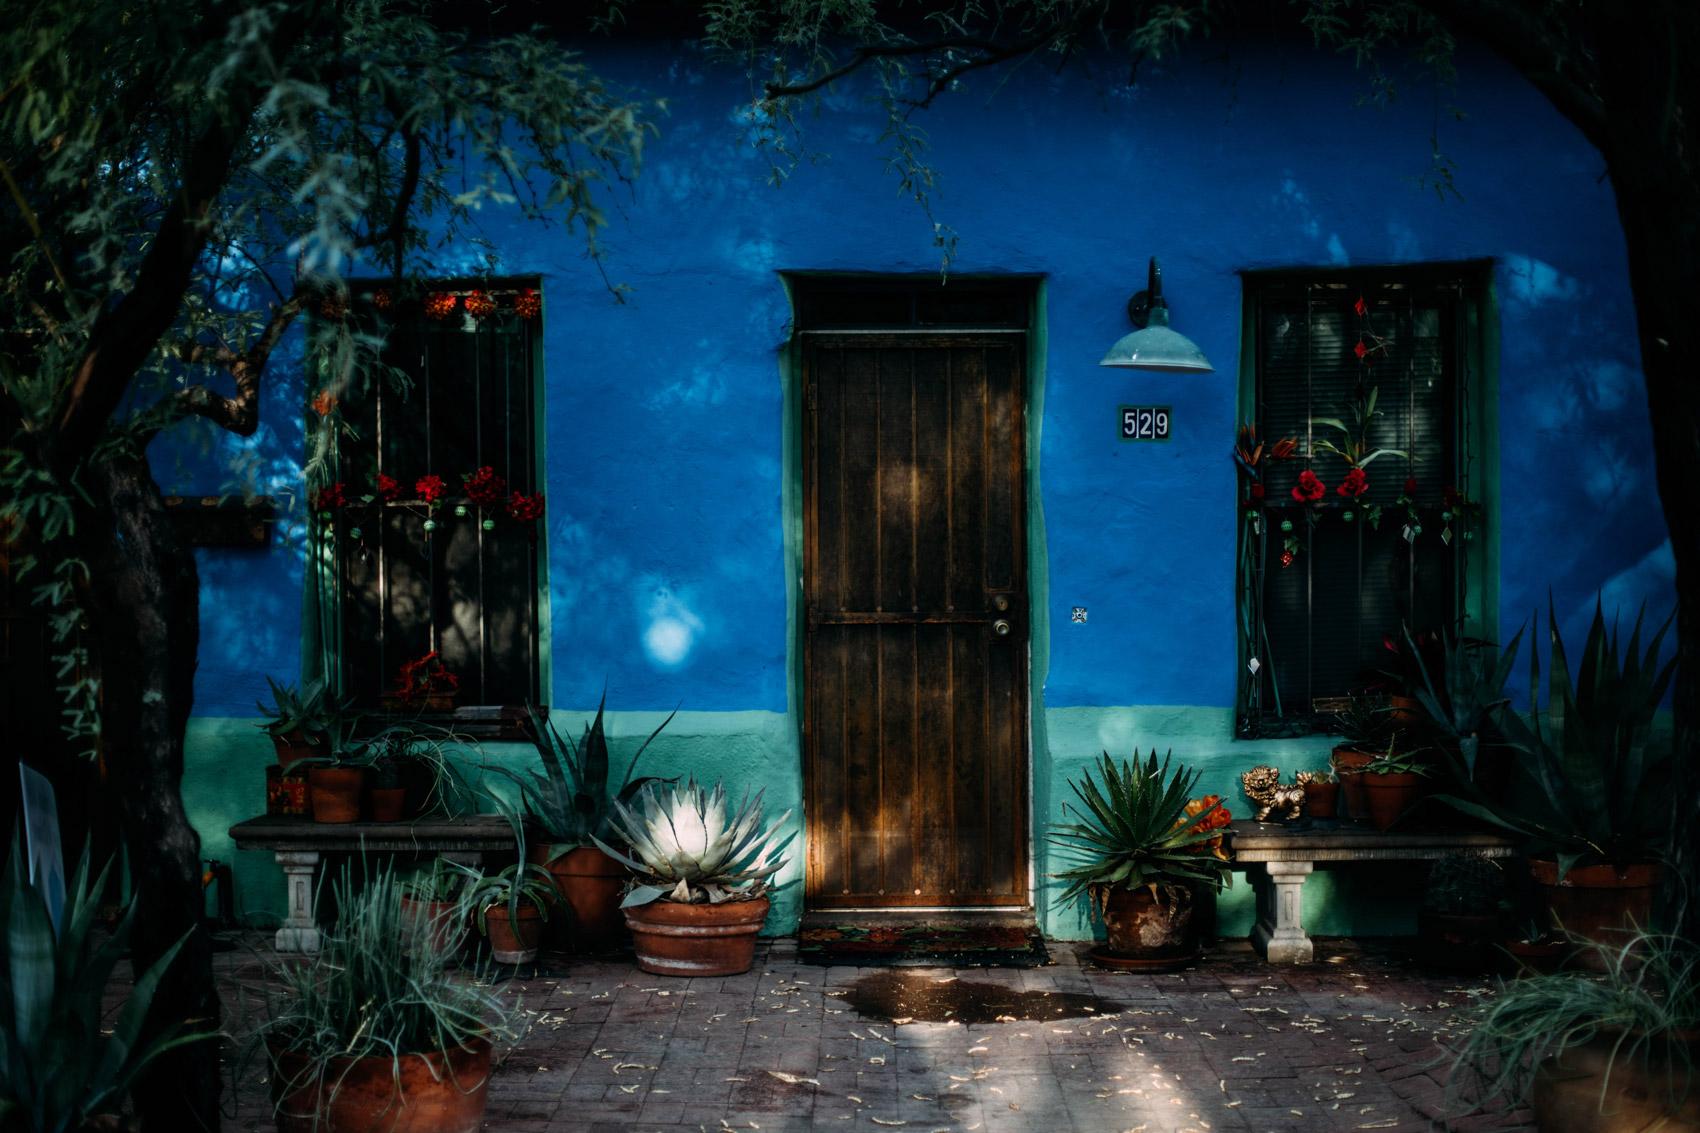 héritage mexicain de Tucson